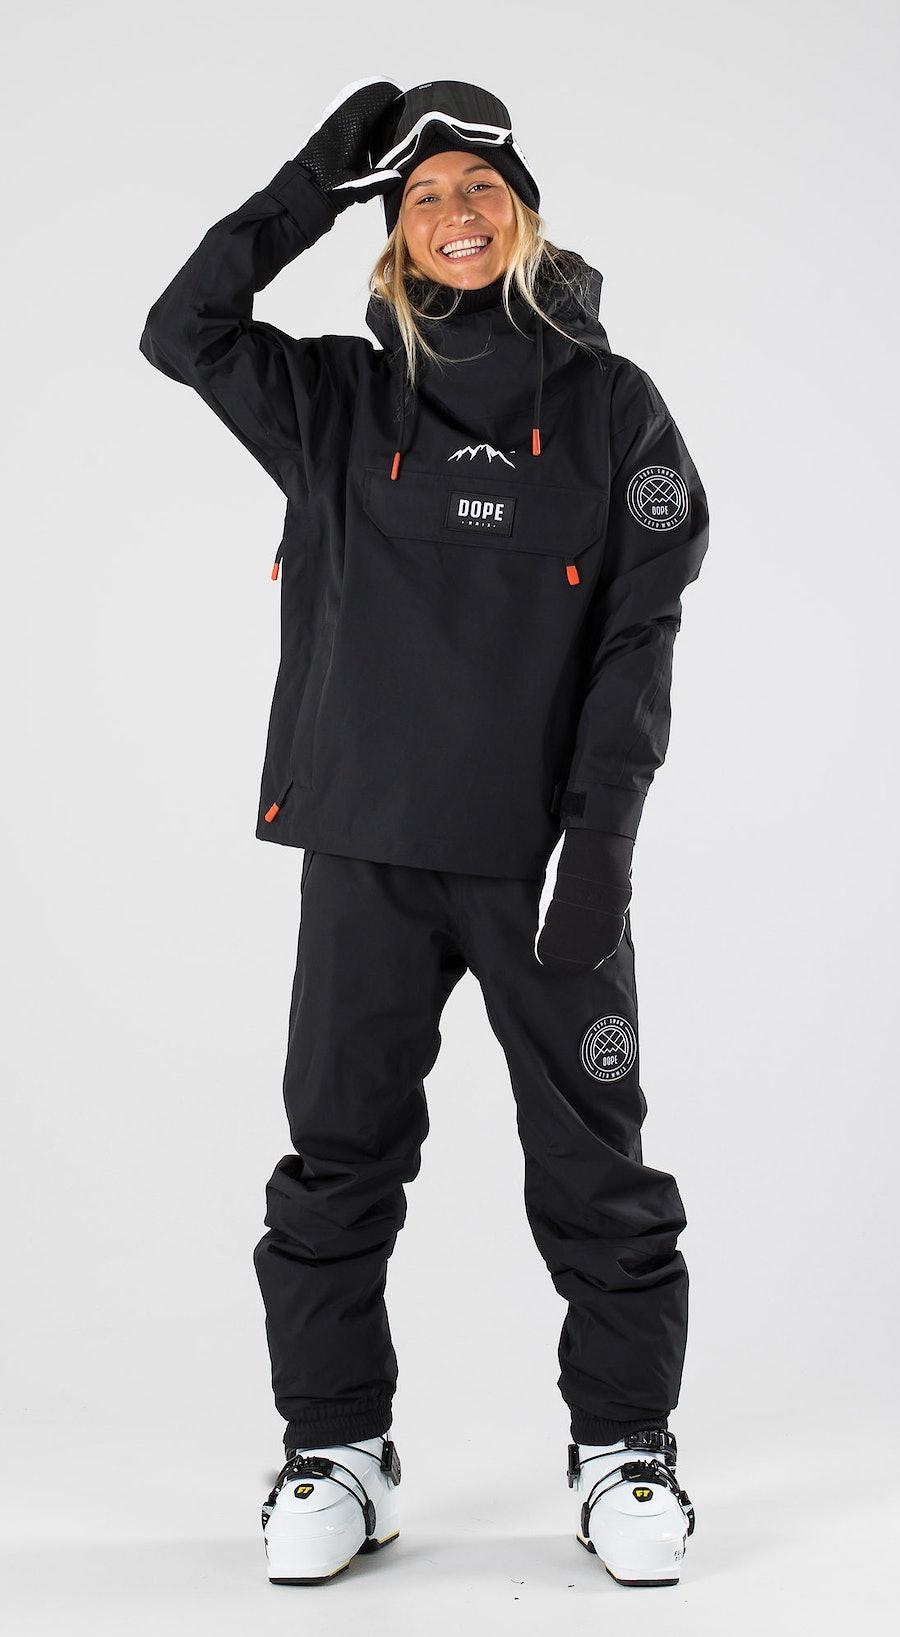 Dope Blizzard W Black Abbigliamento da sci Multi